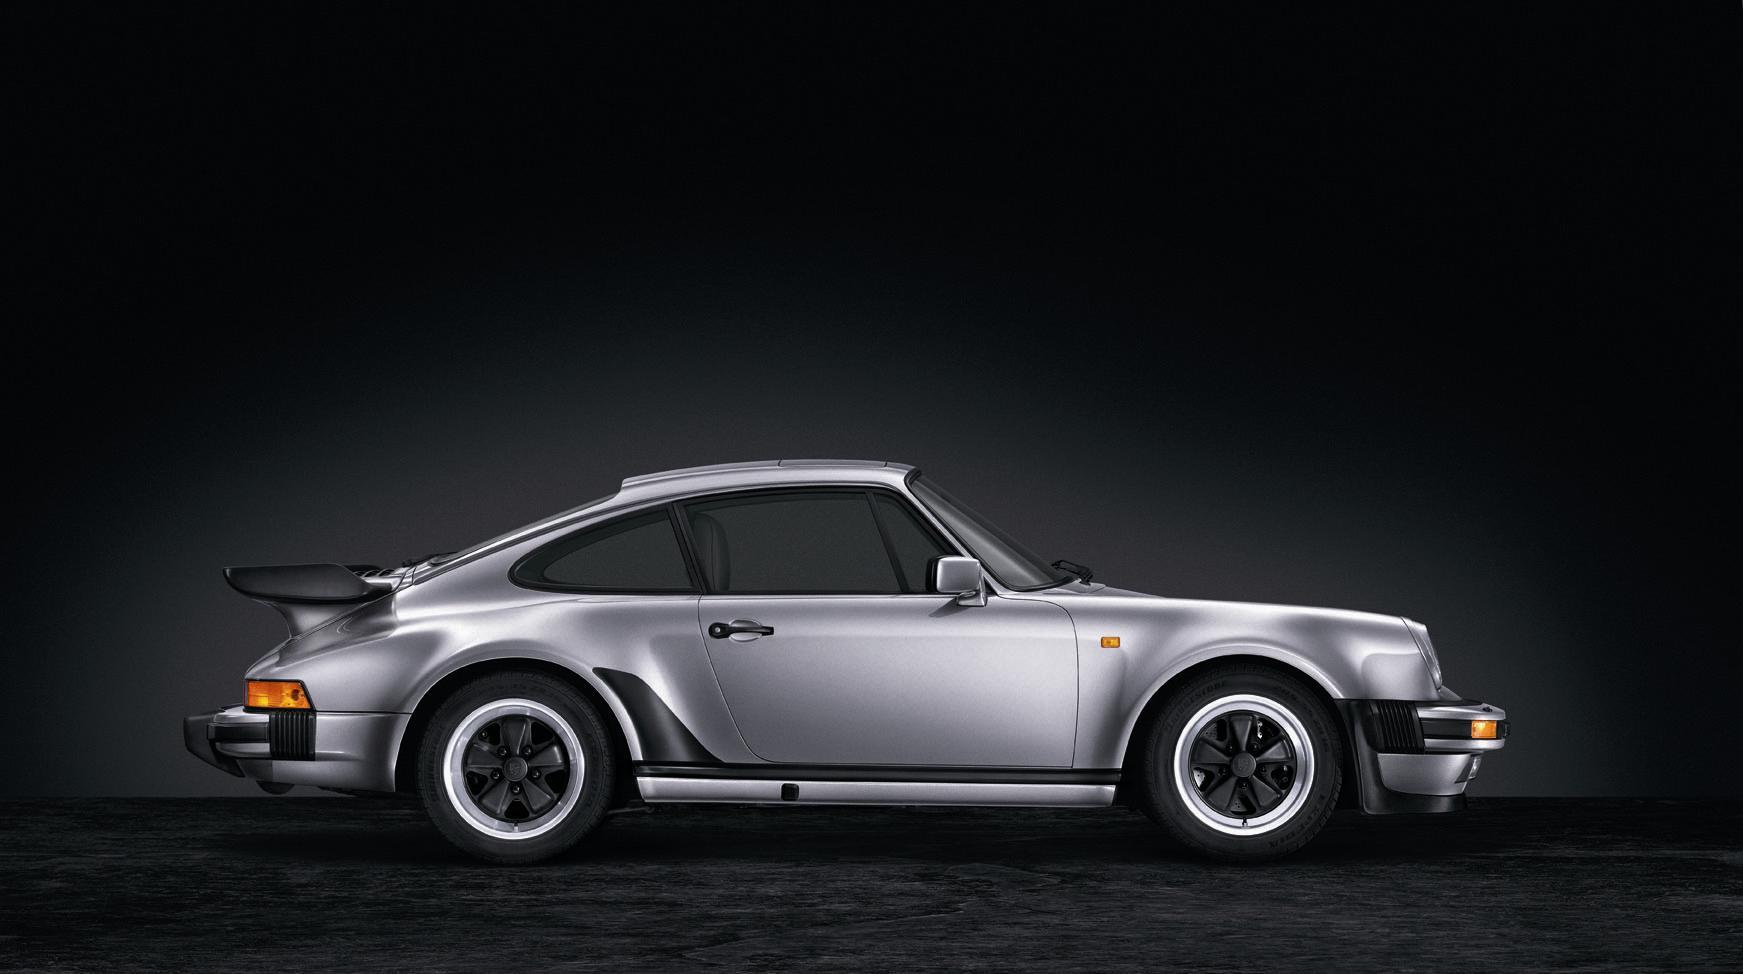 Porsche 930 Wallpapers   Top Porsche 930 Backgrounds 1743x974